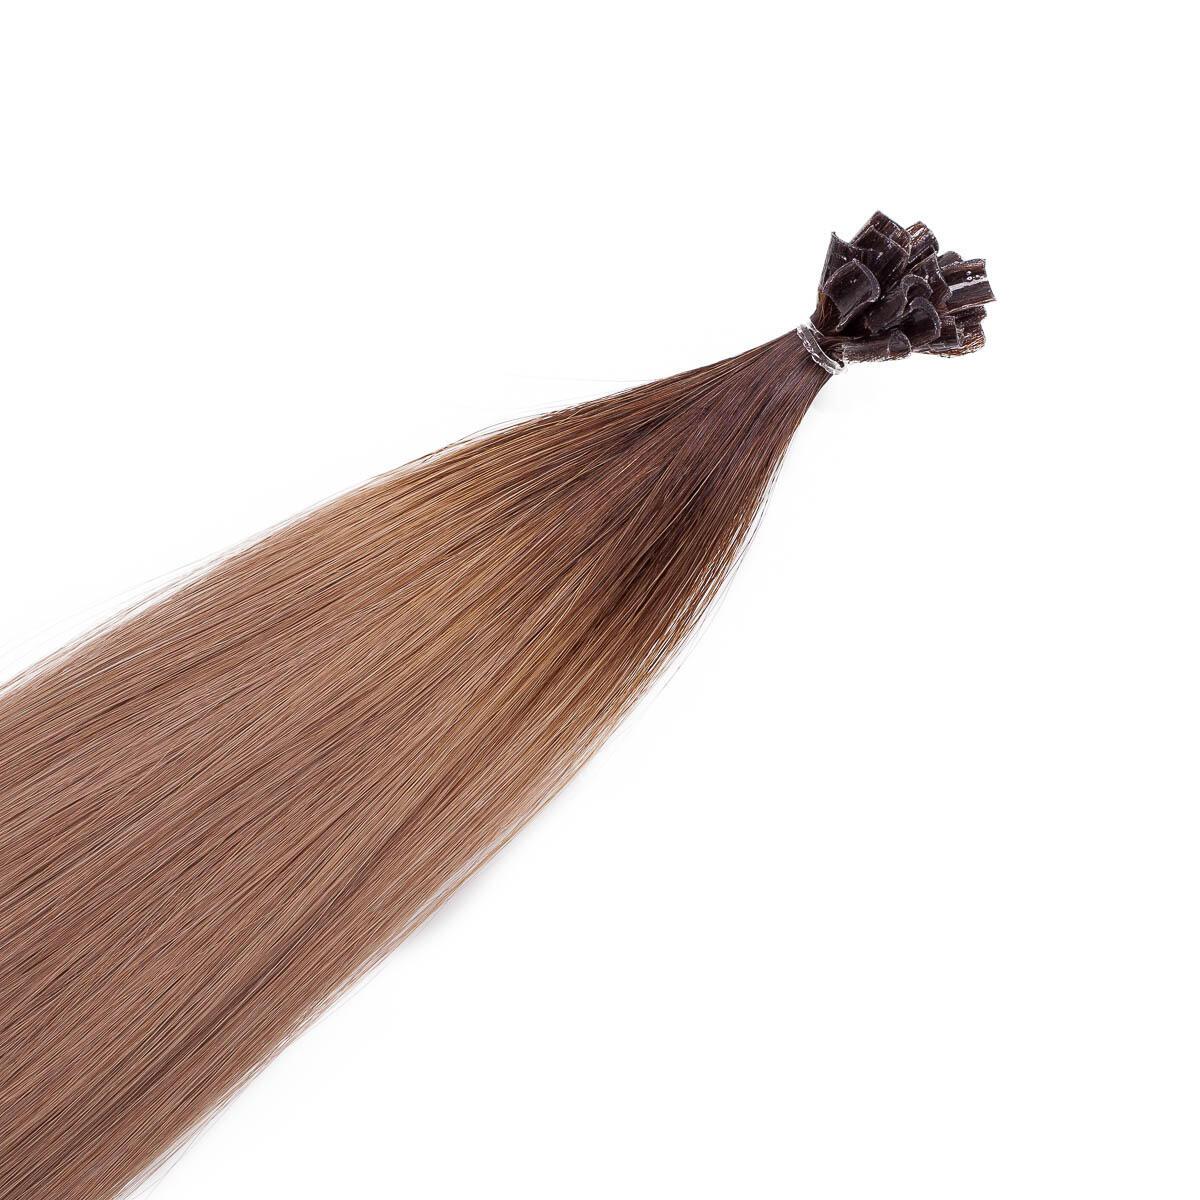 Nail Hair R2.2/7.3 Brown Ash Root 50 cm